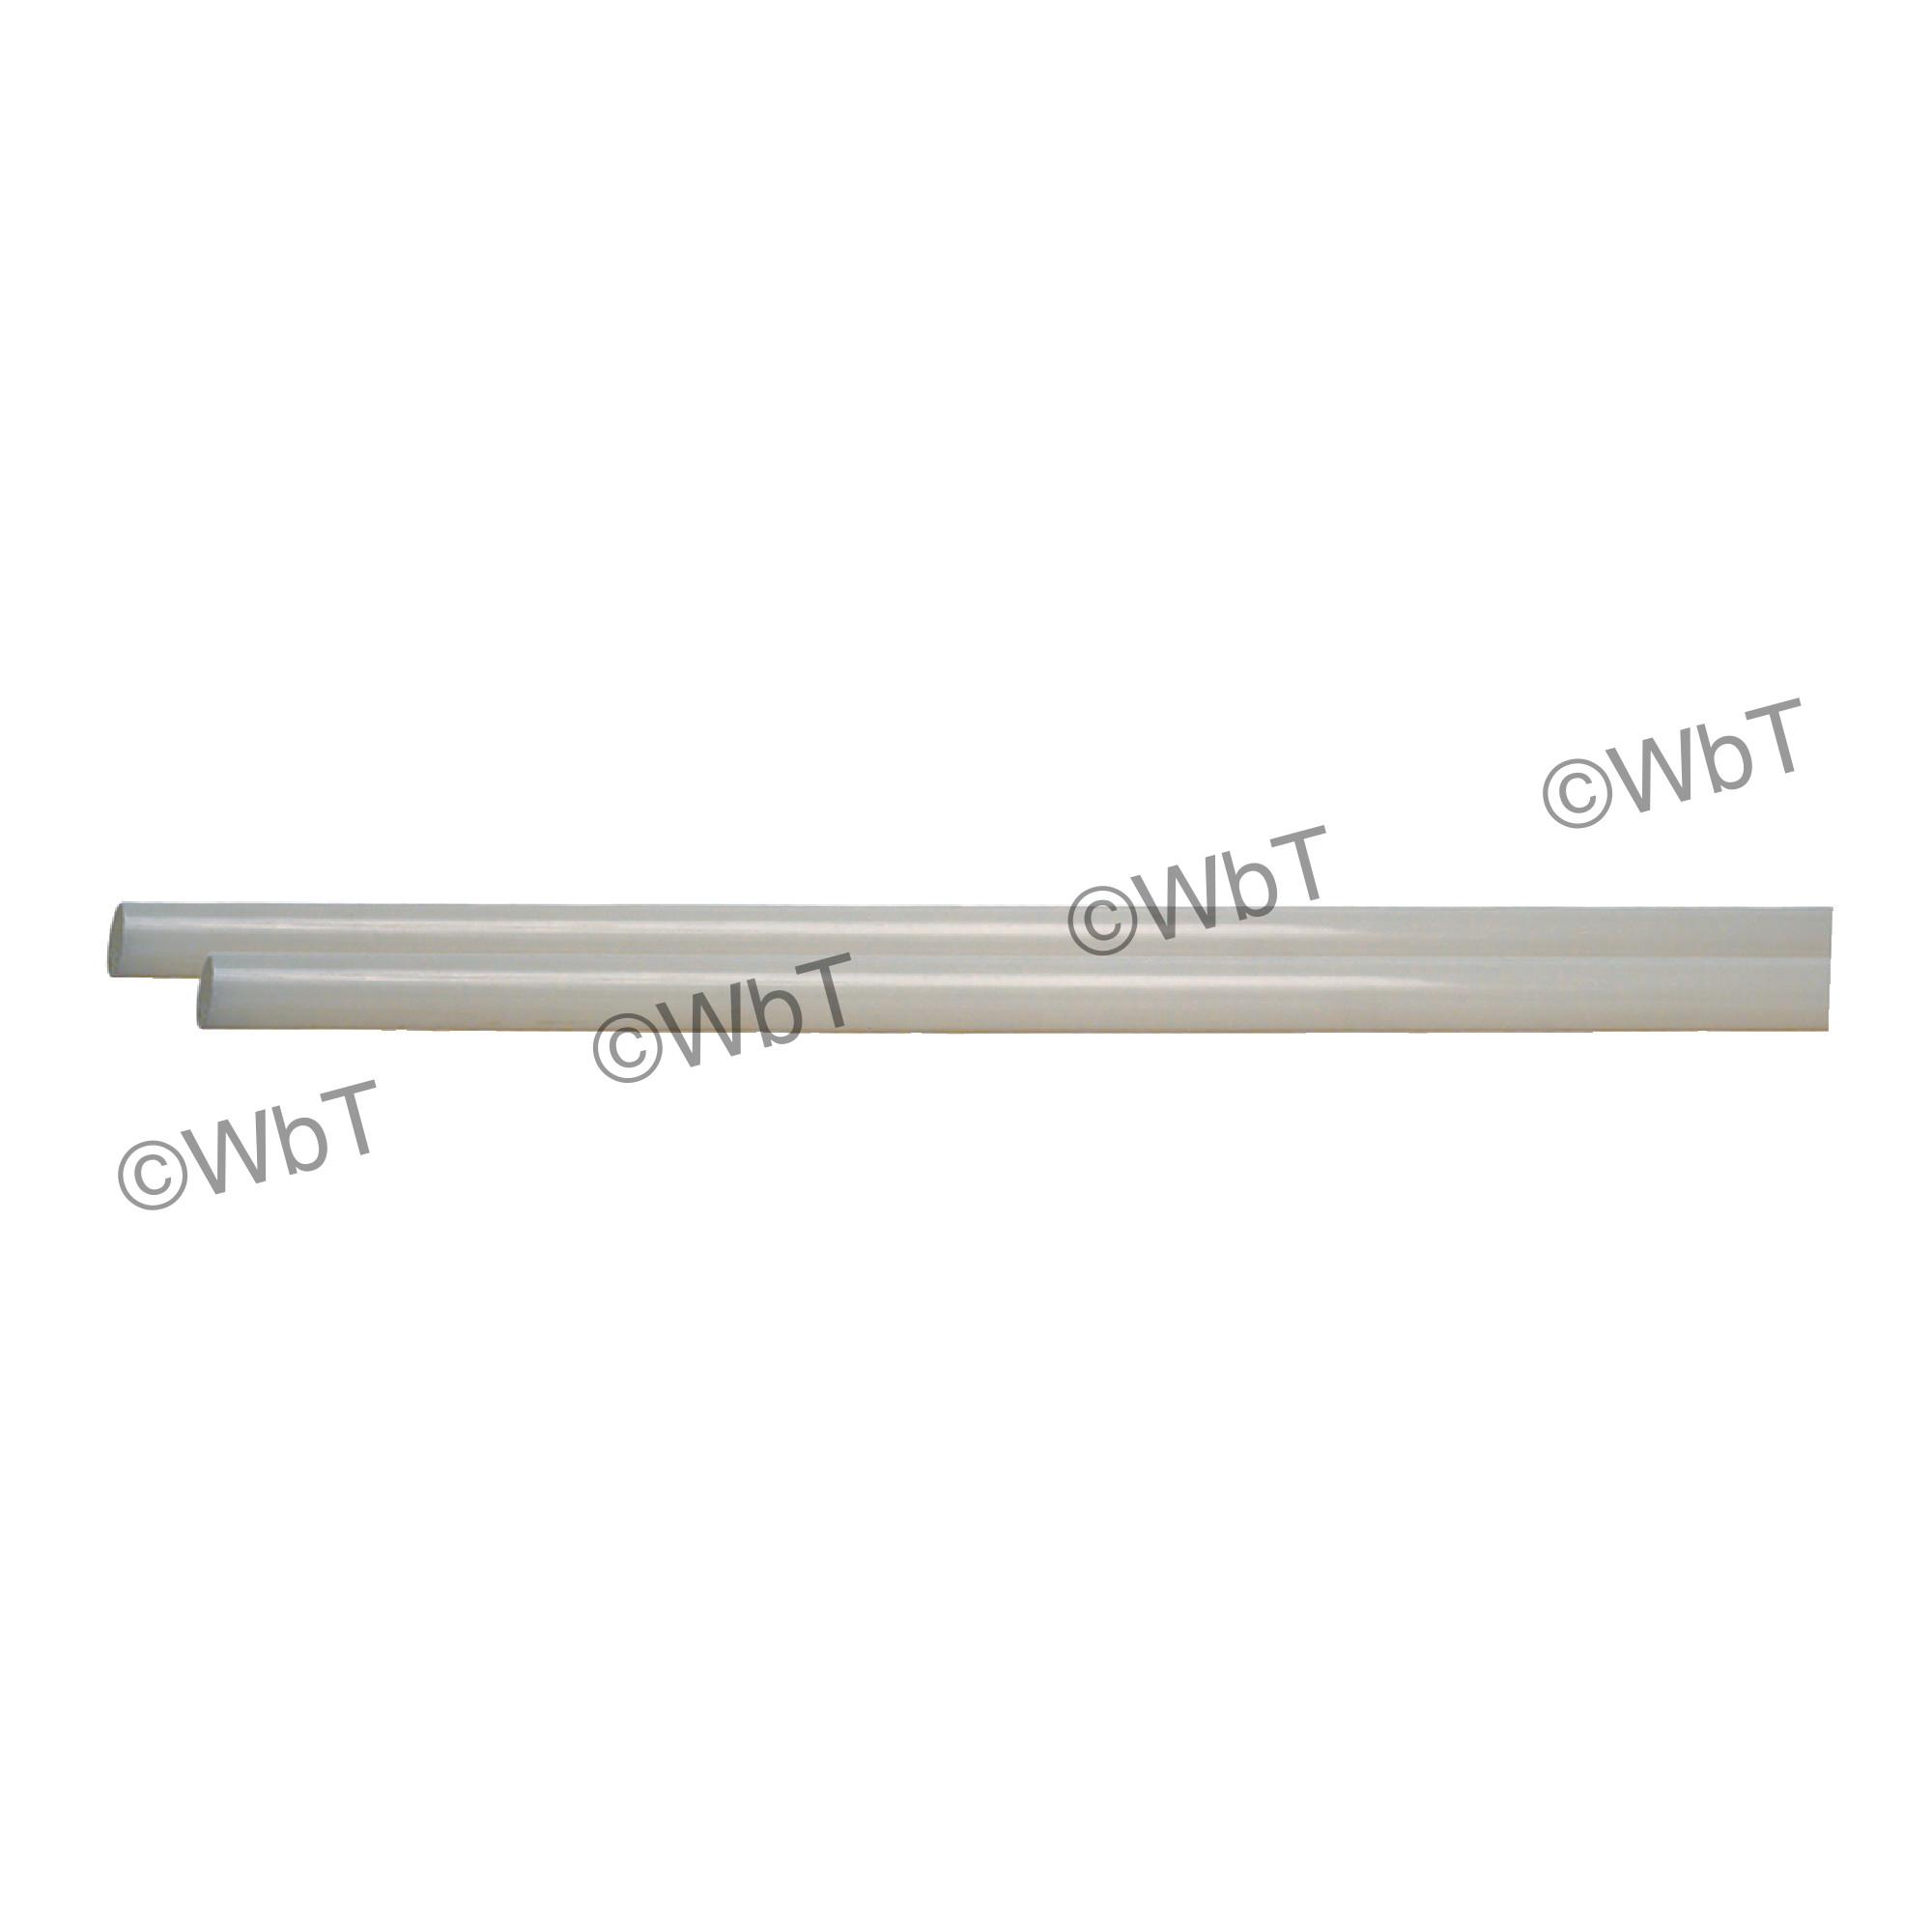 Nylon 6/6 Round Rods